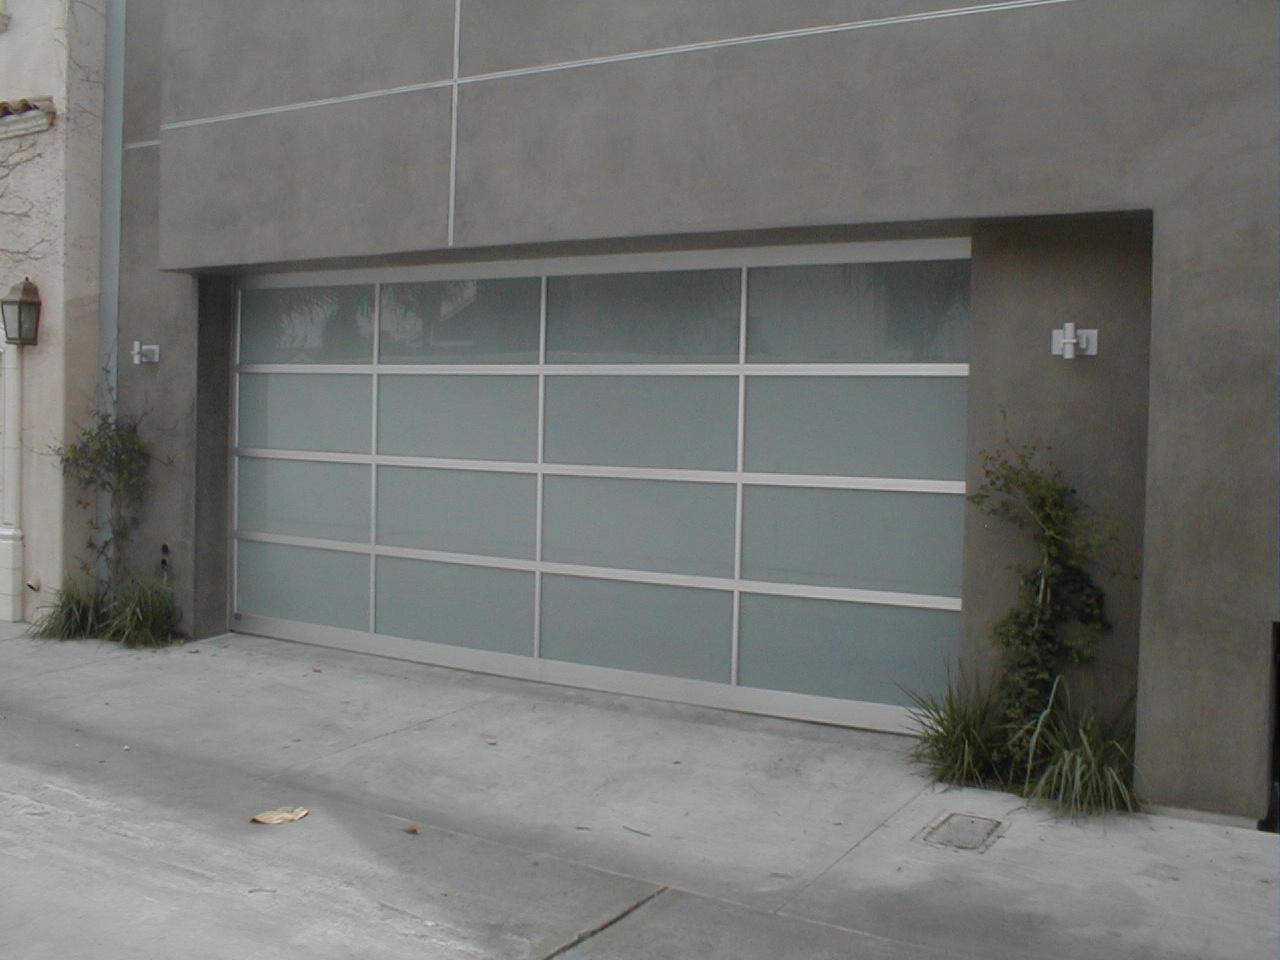 Fantastic Door Designs Photo Door Designs Hawk Haven Doors Ireland Doors Los Angeles houzz-03 Contemporary Garage Doors